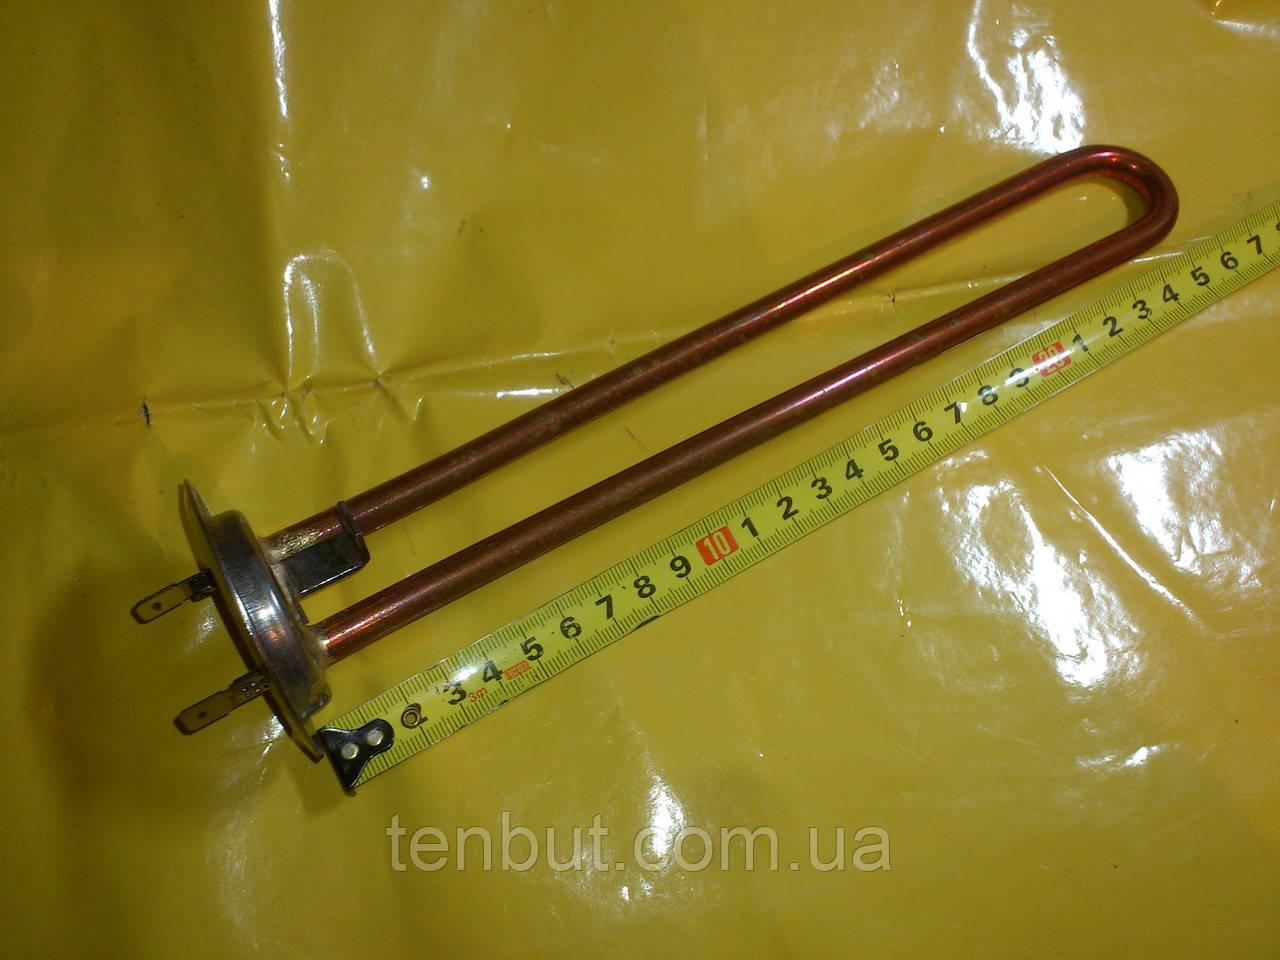 Тен в бойлер Thermex 0,7 кВт. / 220 В. / L - 260 мм, мідний виробництво KAWAI Китай